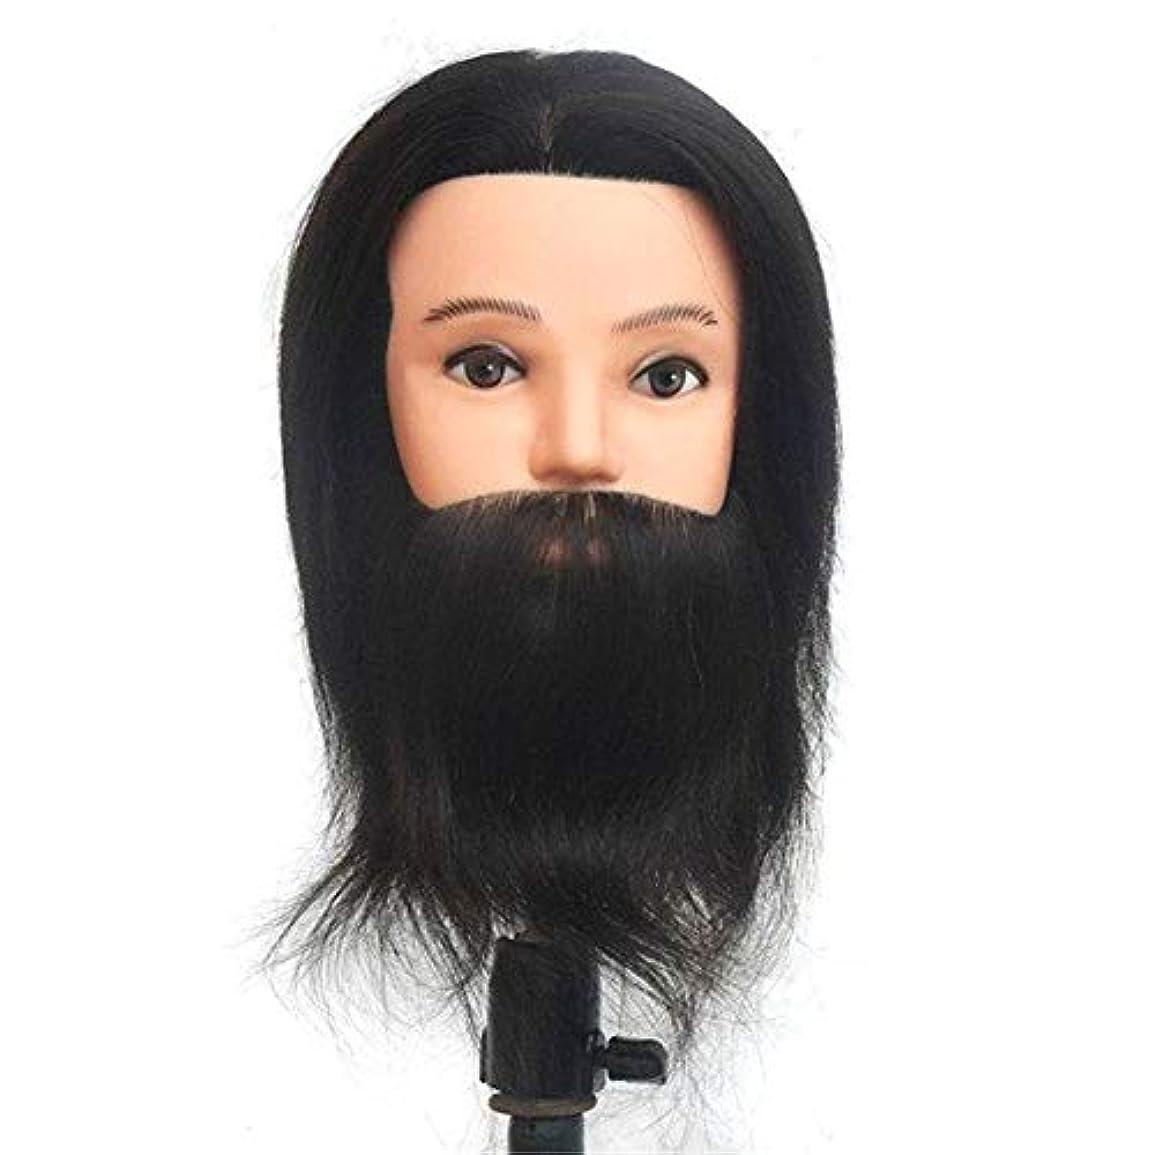 学校つまずくビーズリアル人間の髪トレーニングヘッドパーマ髪モデル髪染め理髪ダミーヘッドトリミングひげ学習ヘッドモデル